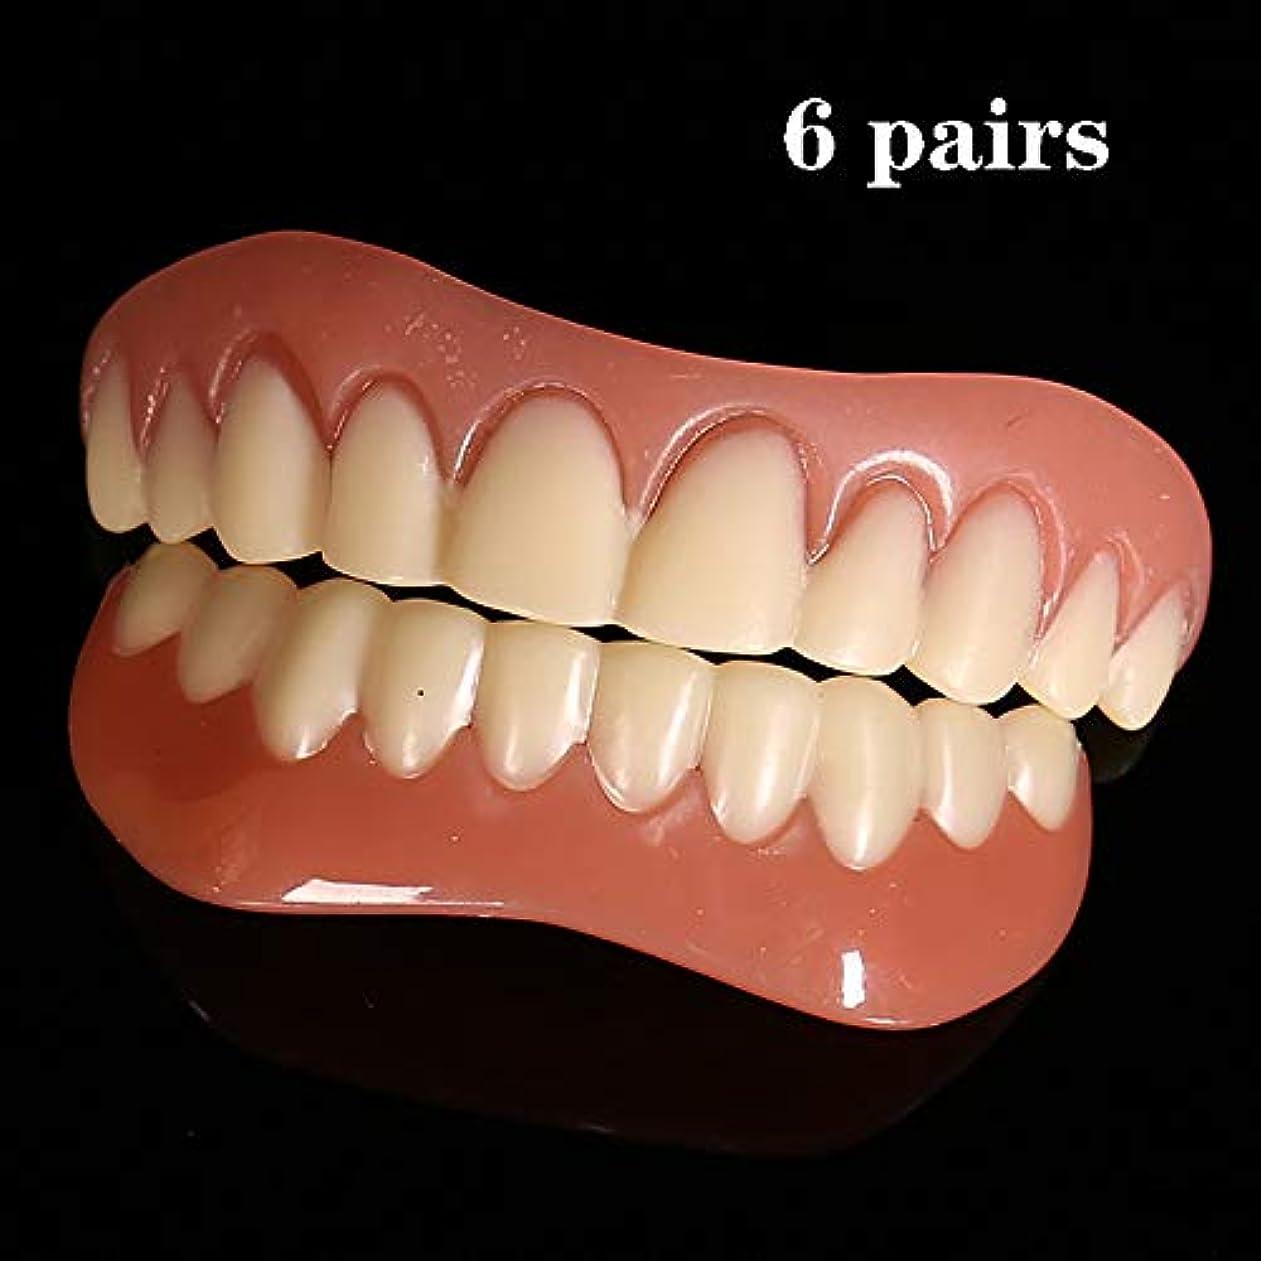 郵便屋さんダース飢えた歯のベニヤ化粧品の歯スナップオンセキュア6ペア上下の快適さフィット歯のベニヤセキュアインスタントスマイル化粧品ワンサイズ全ての義歯ケアツールにフィット